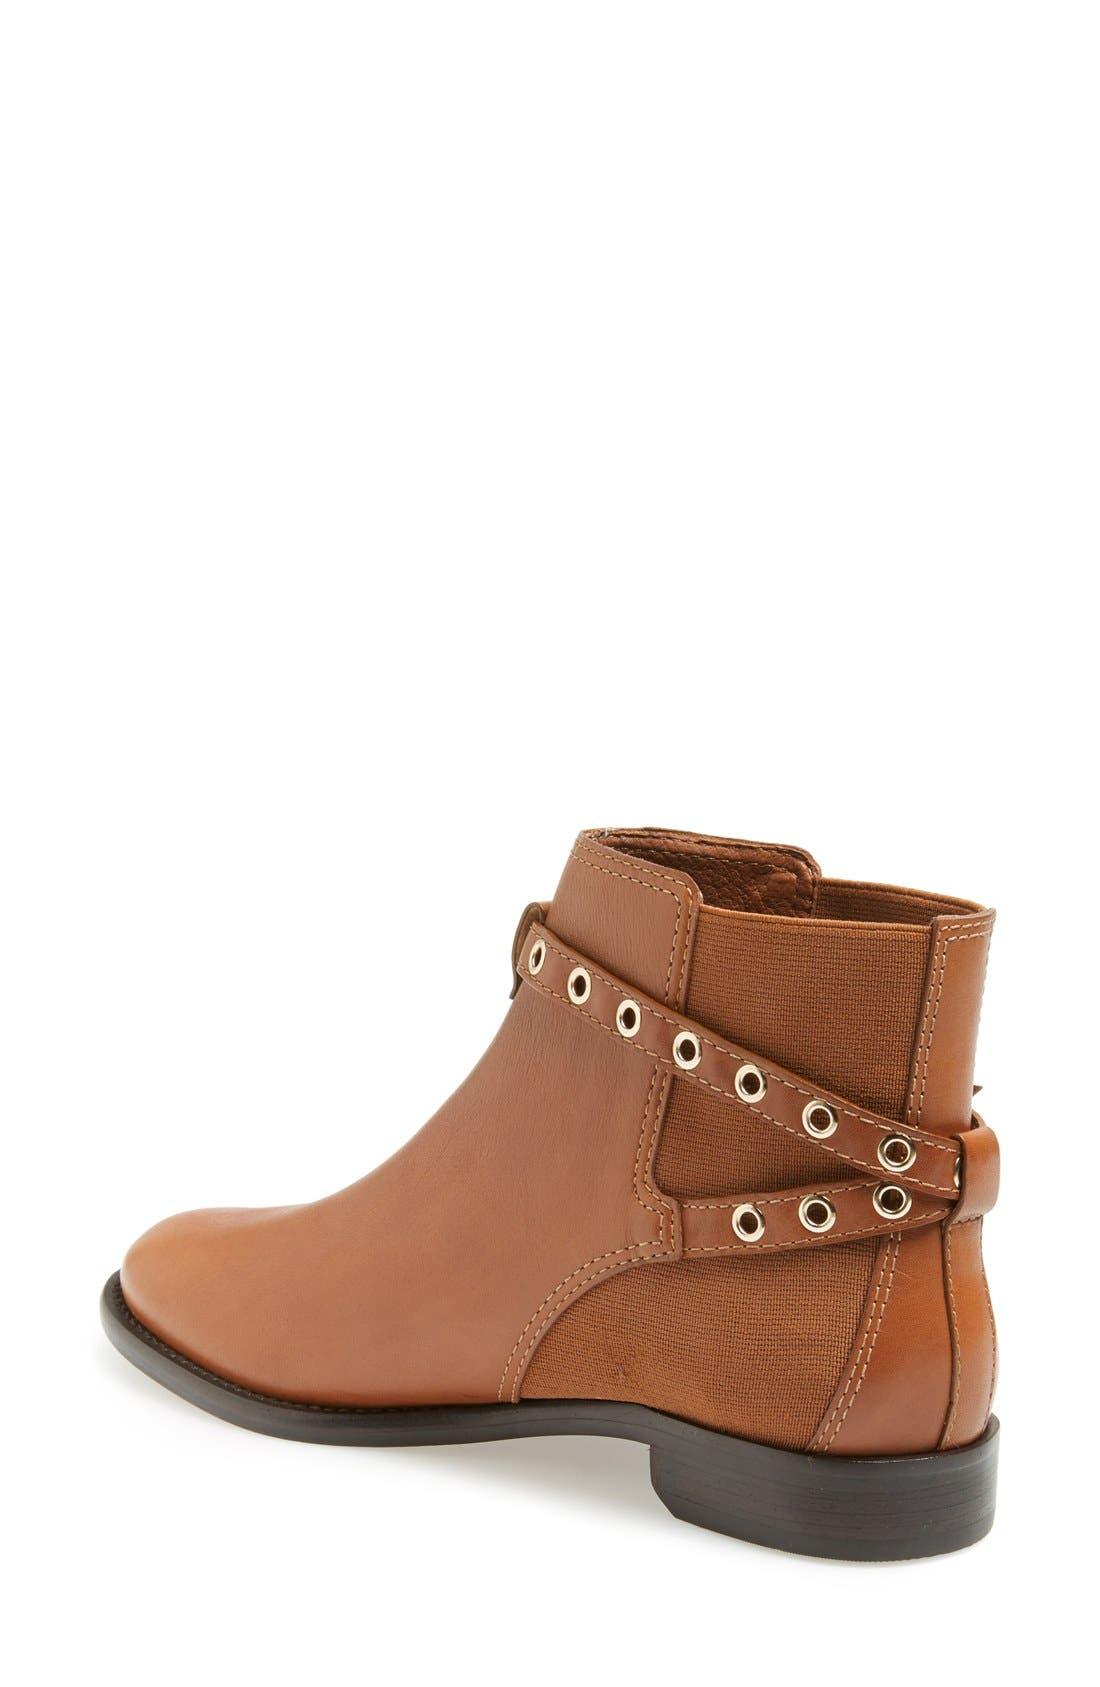 Alternate Image 2  - Diane von Furstenberg 'Rikki' Leather Boot (Women)